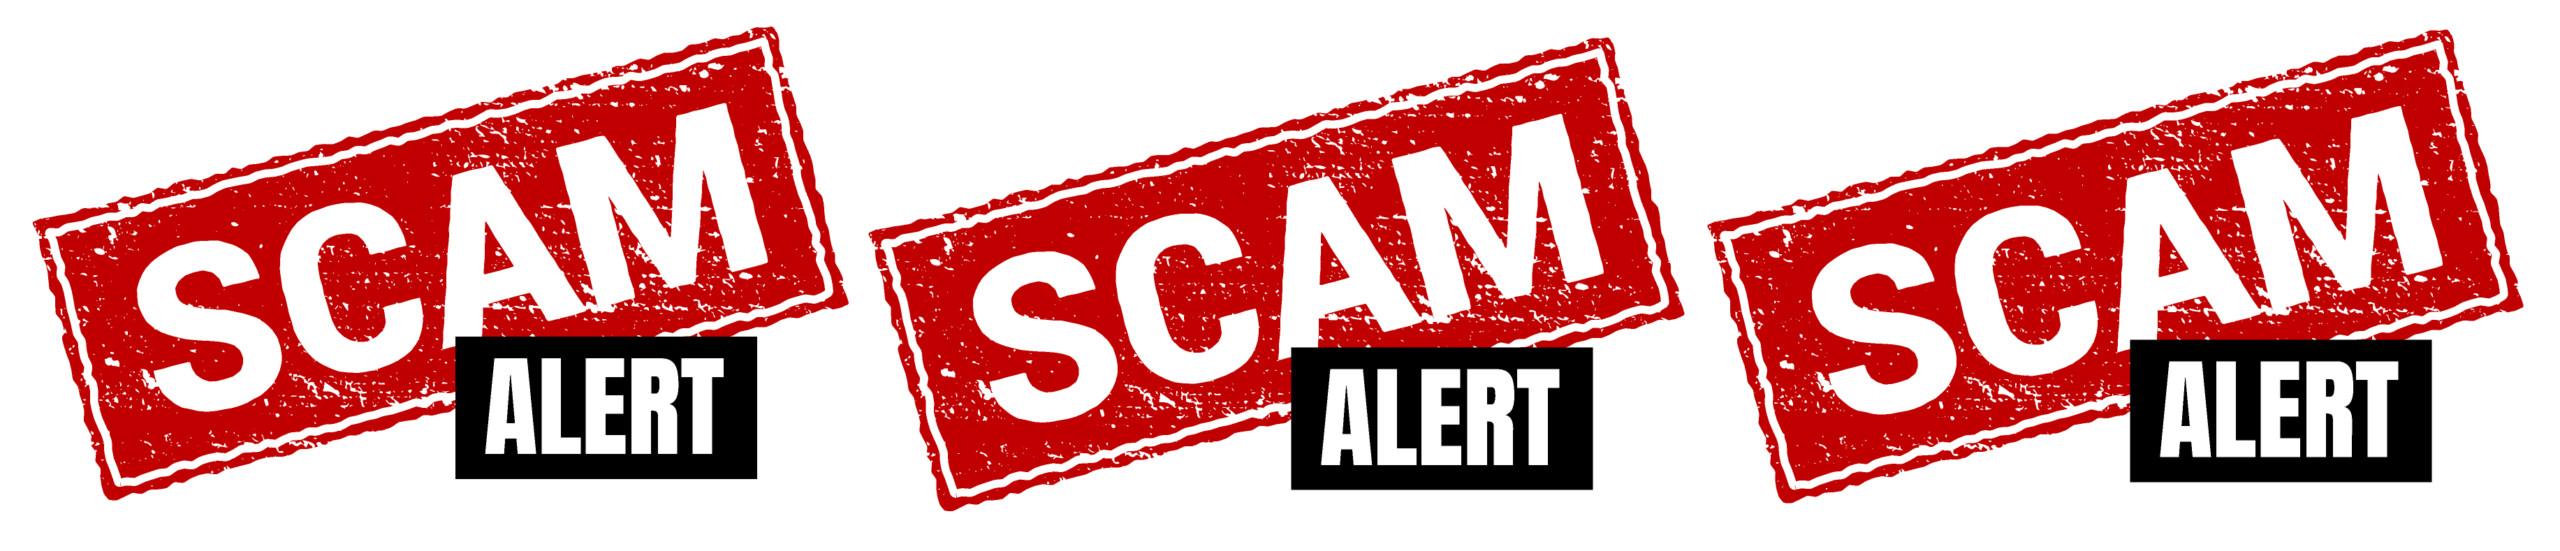 scam alert to graphic designer